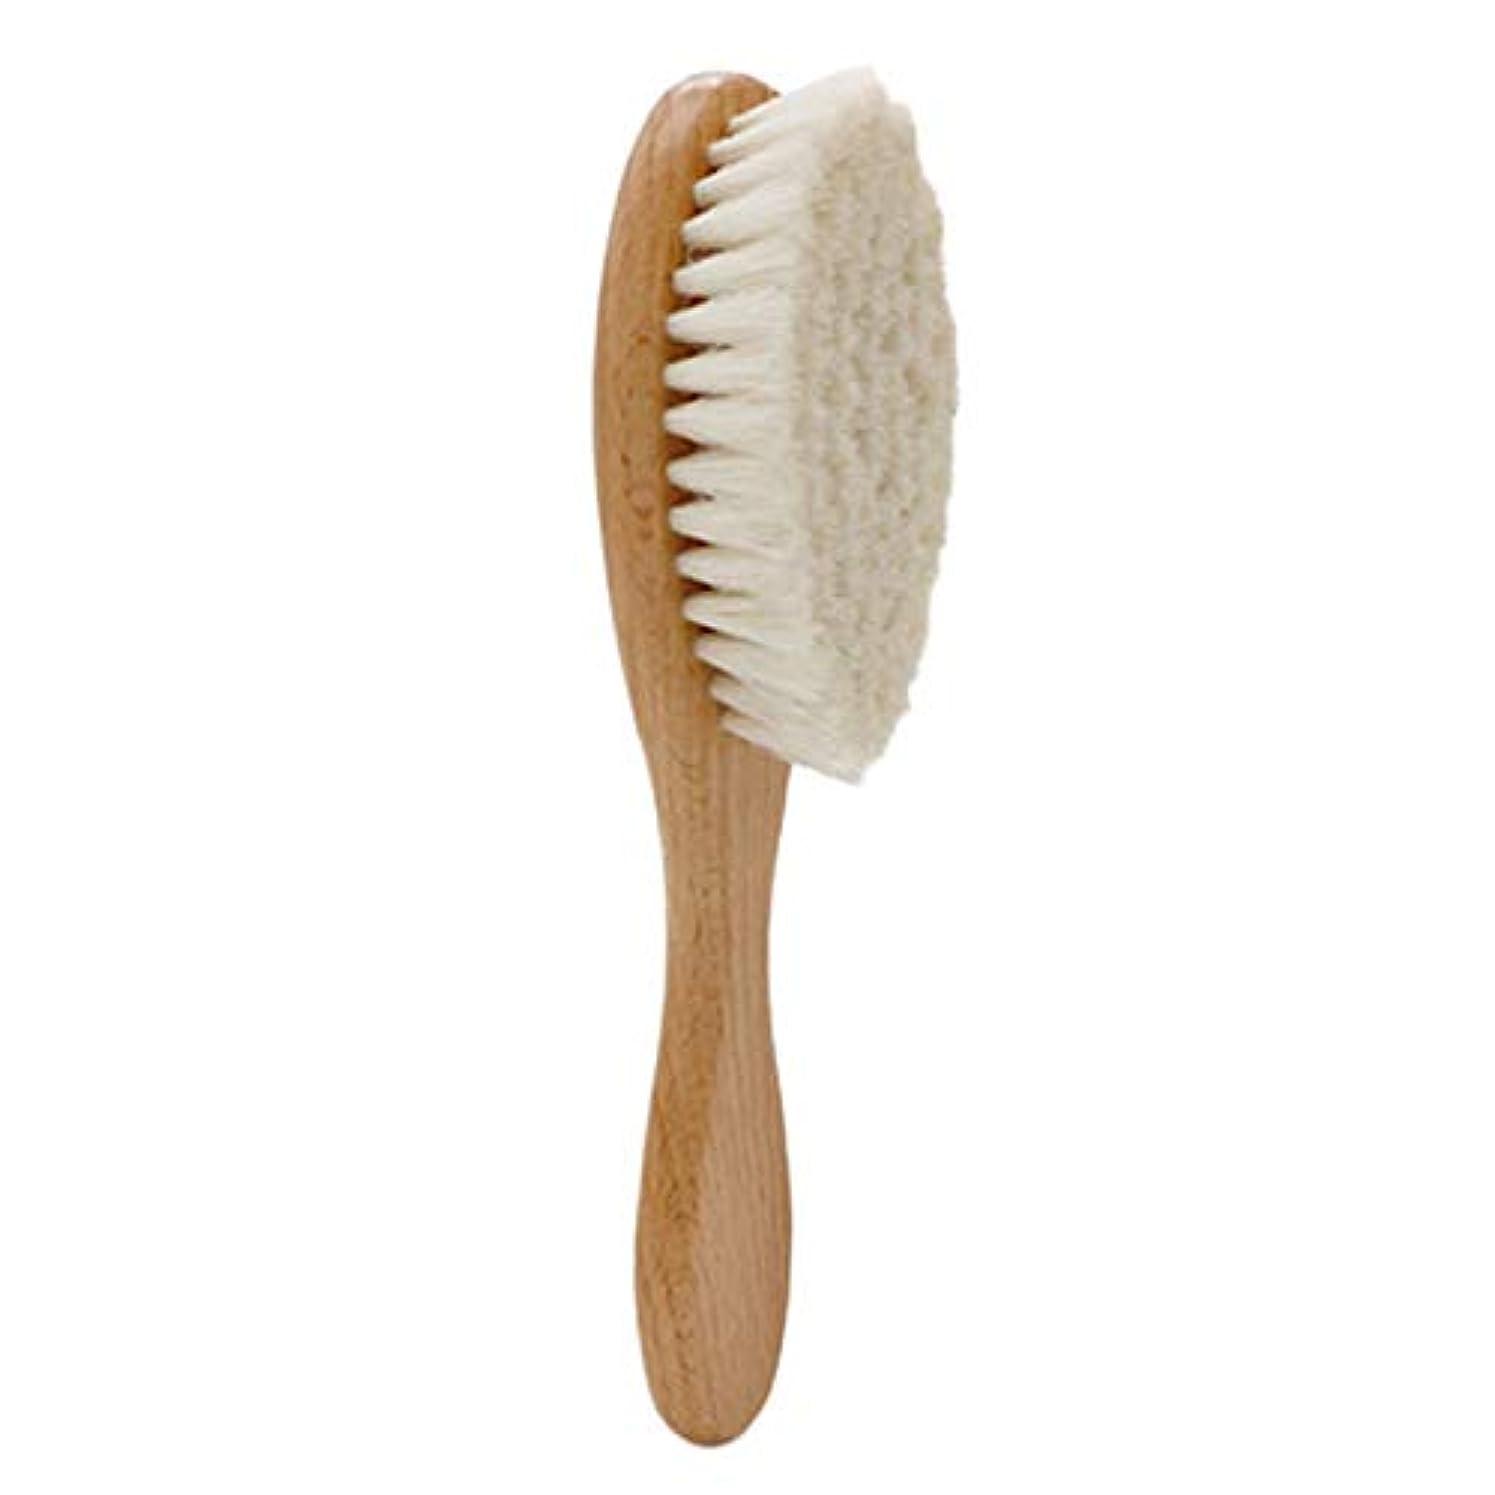 二テーブルを設定する費やすTOOGOO 木製ハンドル理髪ソフトファイバーブラシ床屋首ダスタークリーニング削除ブラシヘアスタイリングツール